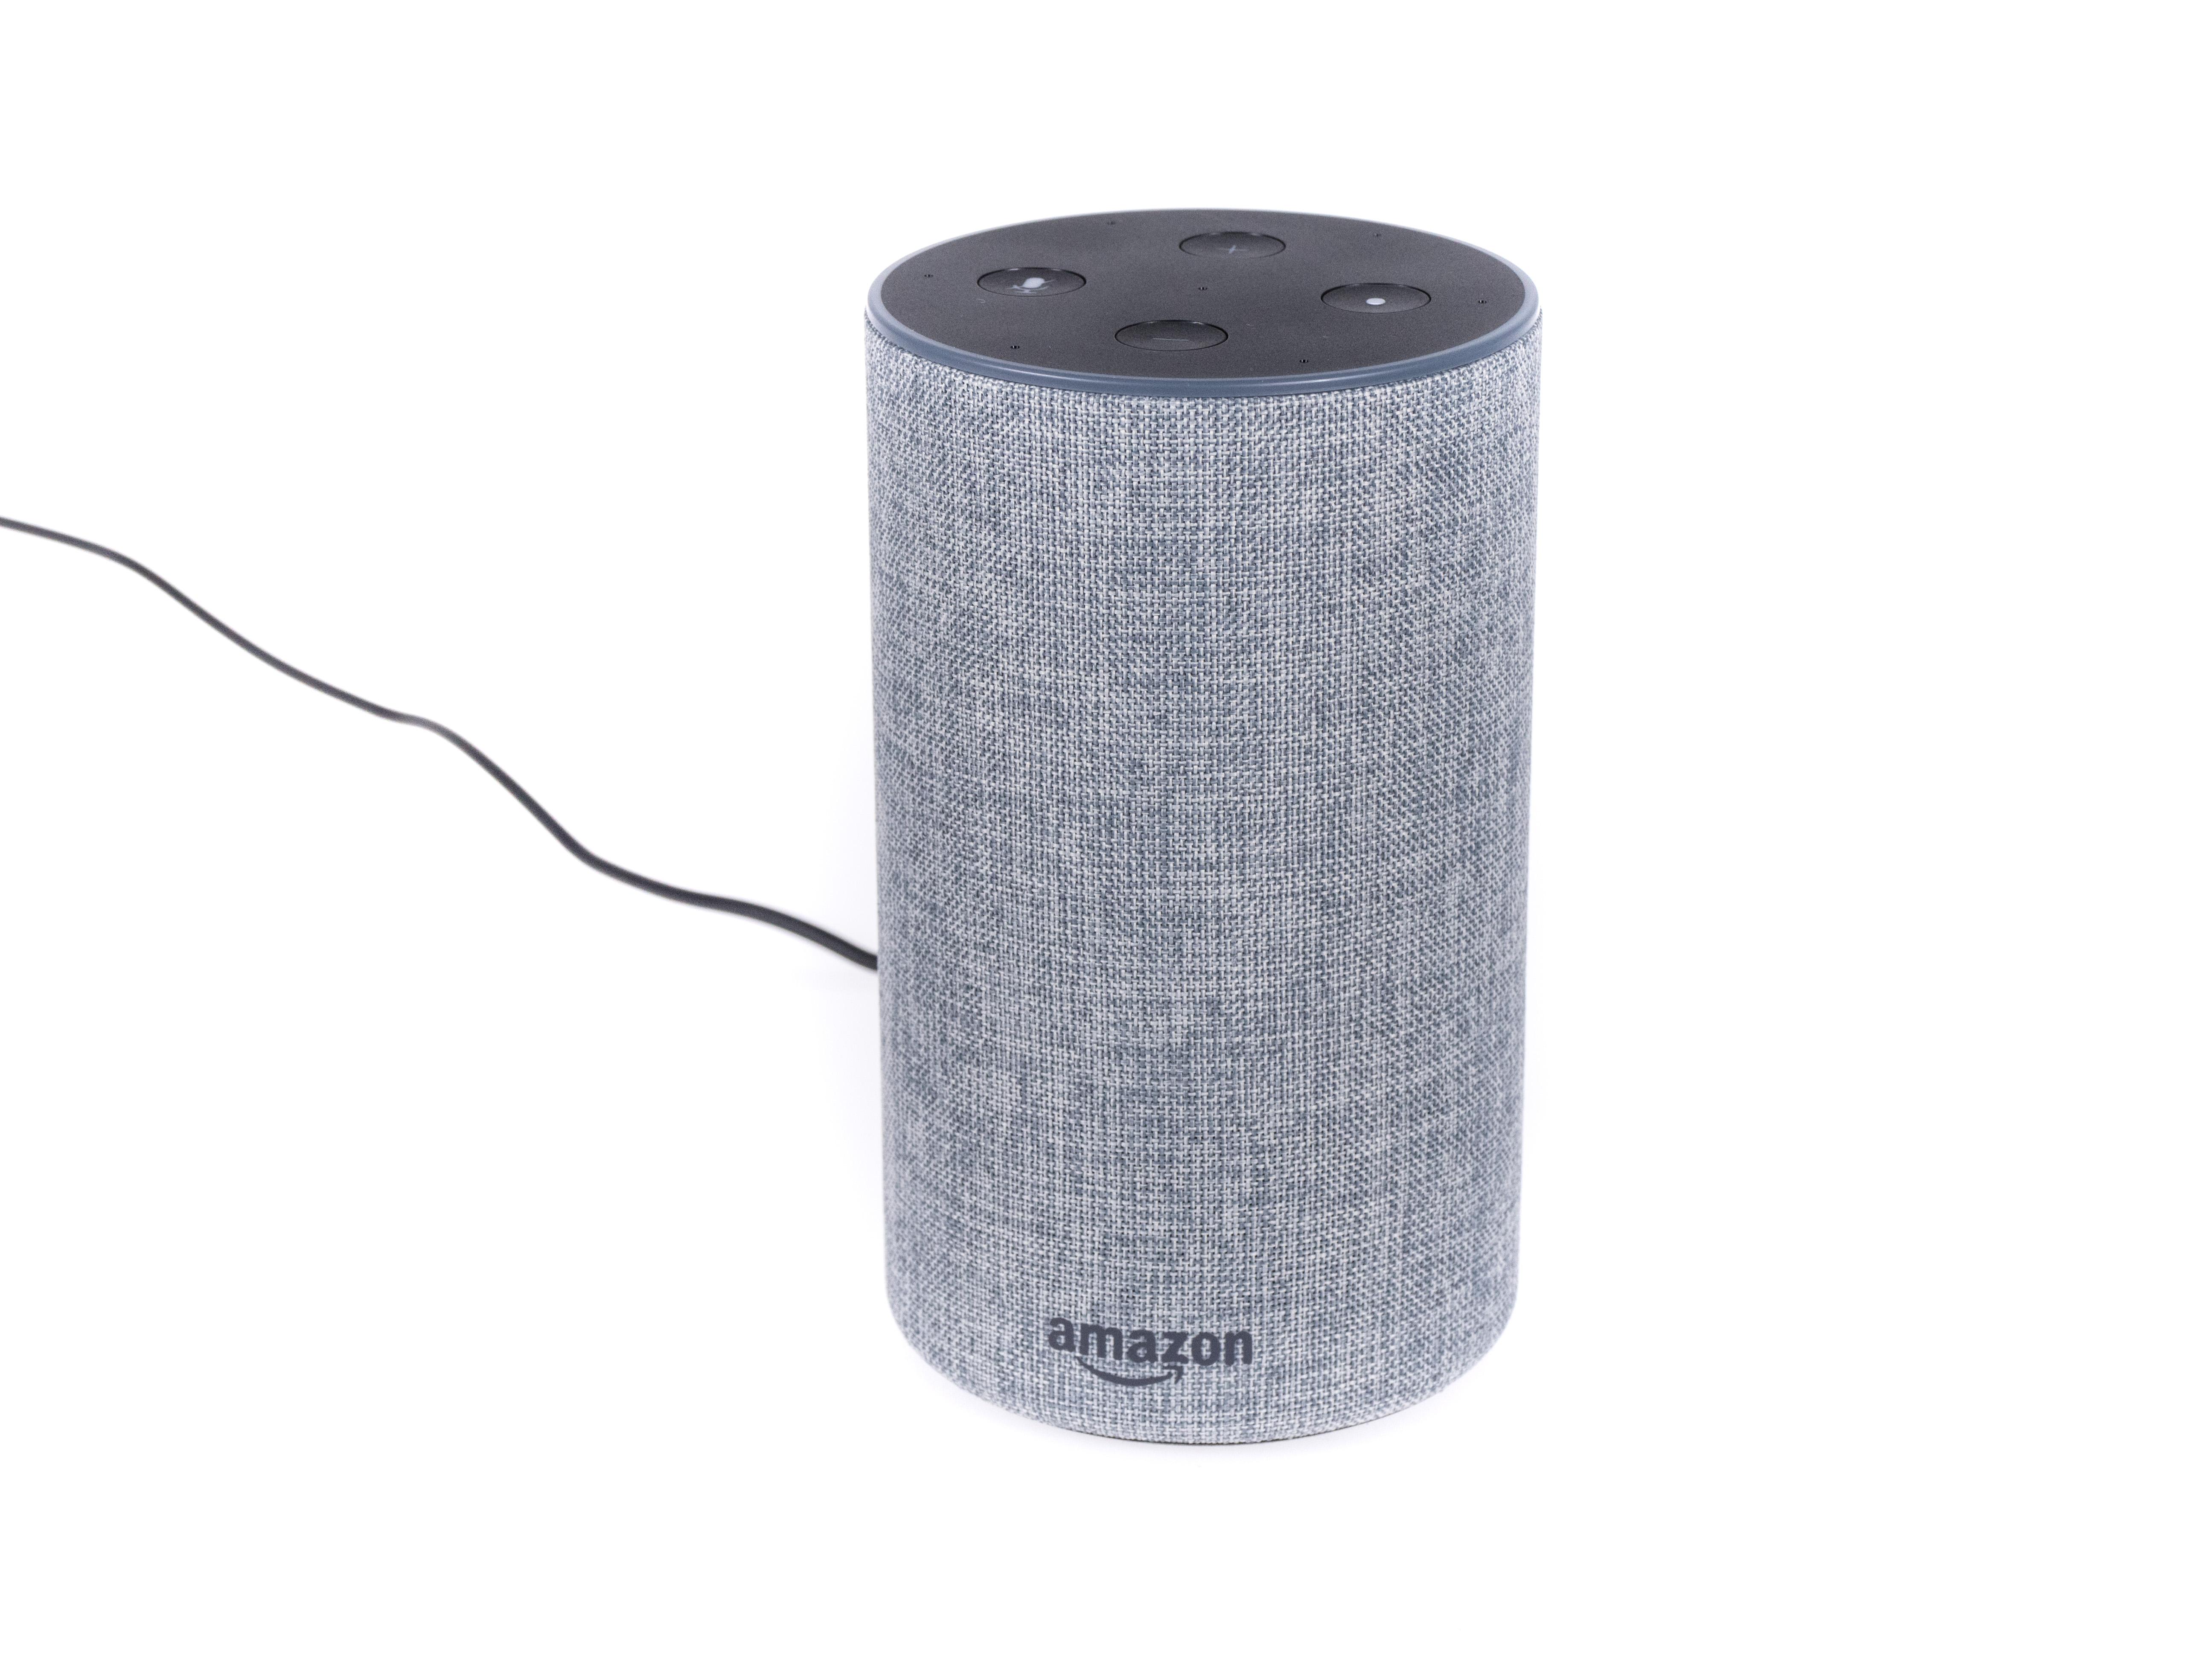 Alexa-Geräte und ihre Konkurrenz im Test: Der perfekte smarte Lautsprecher ist nicht dabei - Amazons Echo 2 ist kleiner als die anderen Echo-Lautsprecher. (Bild: Martin Wolf/Golem.de)